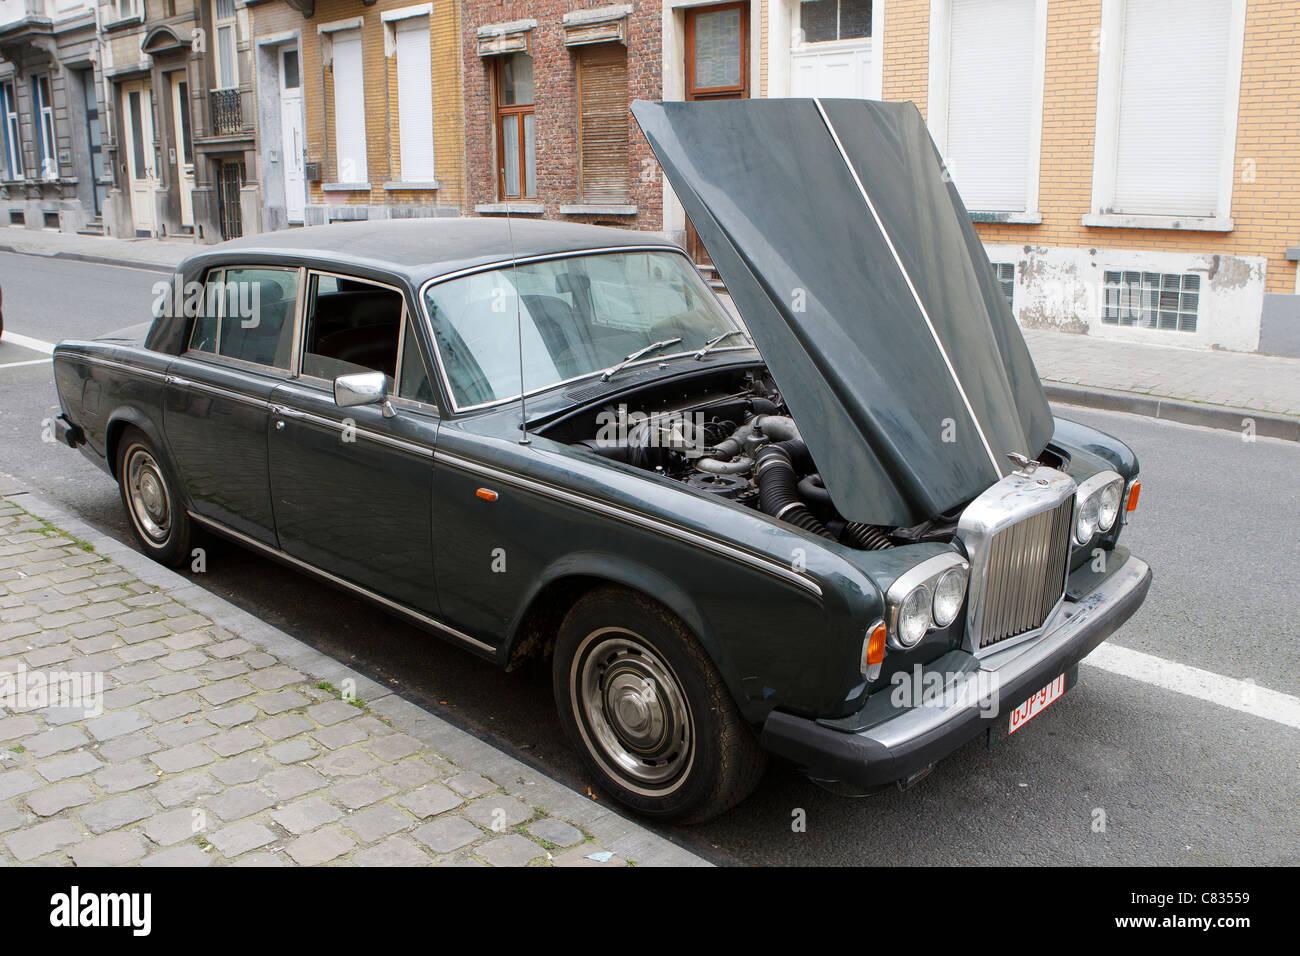 1980 T2 bentley motor car hood open bonnet up broken down - Stock Image